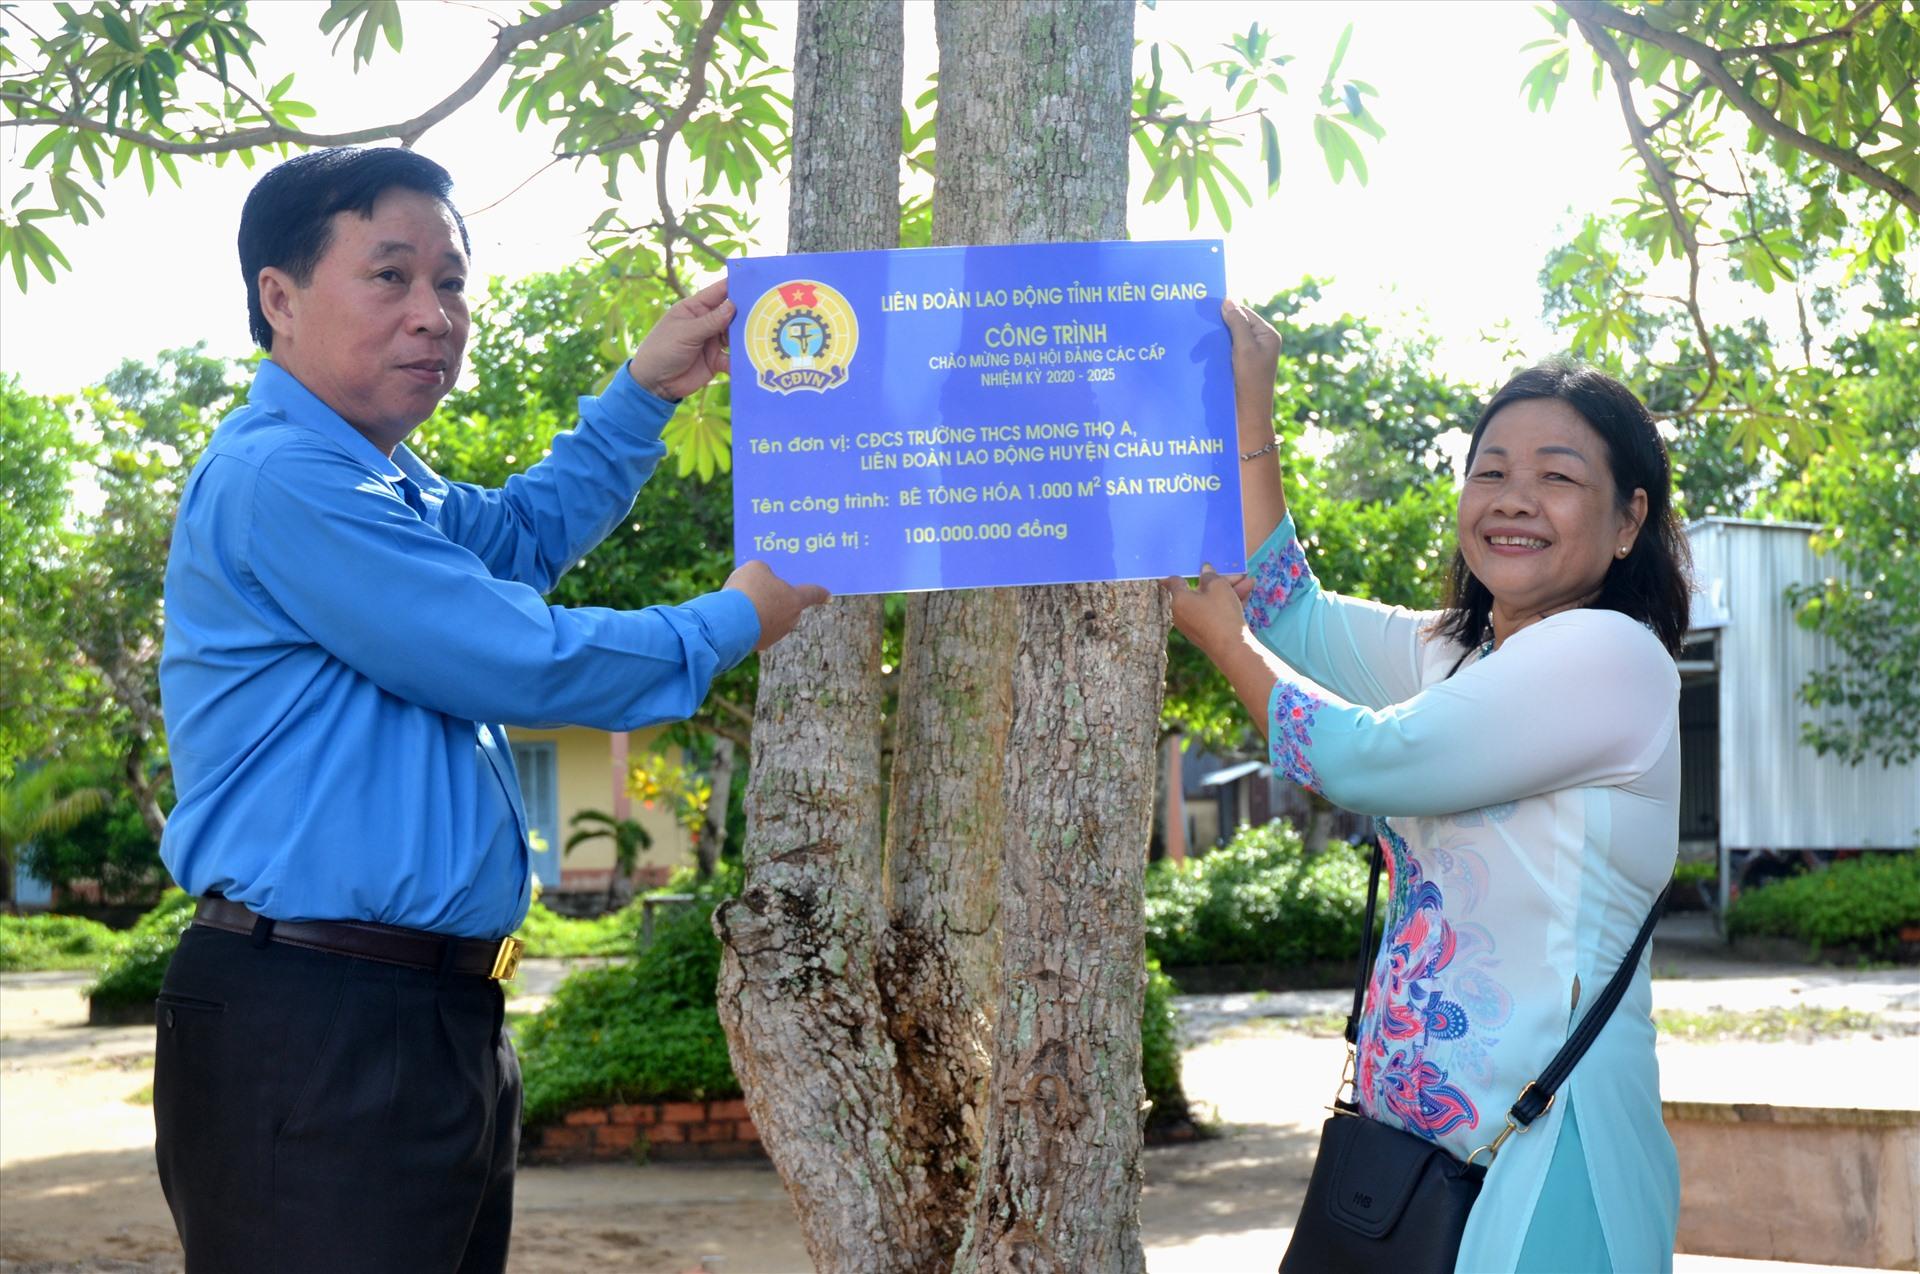 Chủ tịch LĐLĐ Kiên Giang gắn biển công nhận công trình CĐCS Trường THCS Mong Thọ A. Ảnh: LT